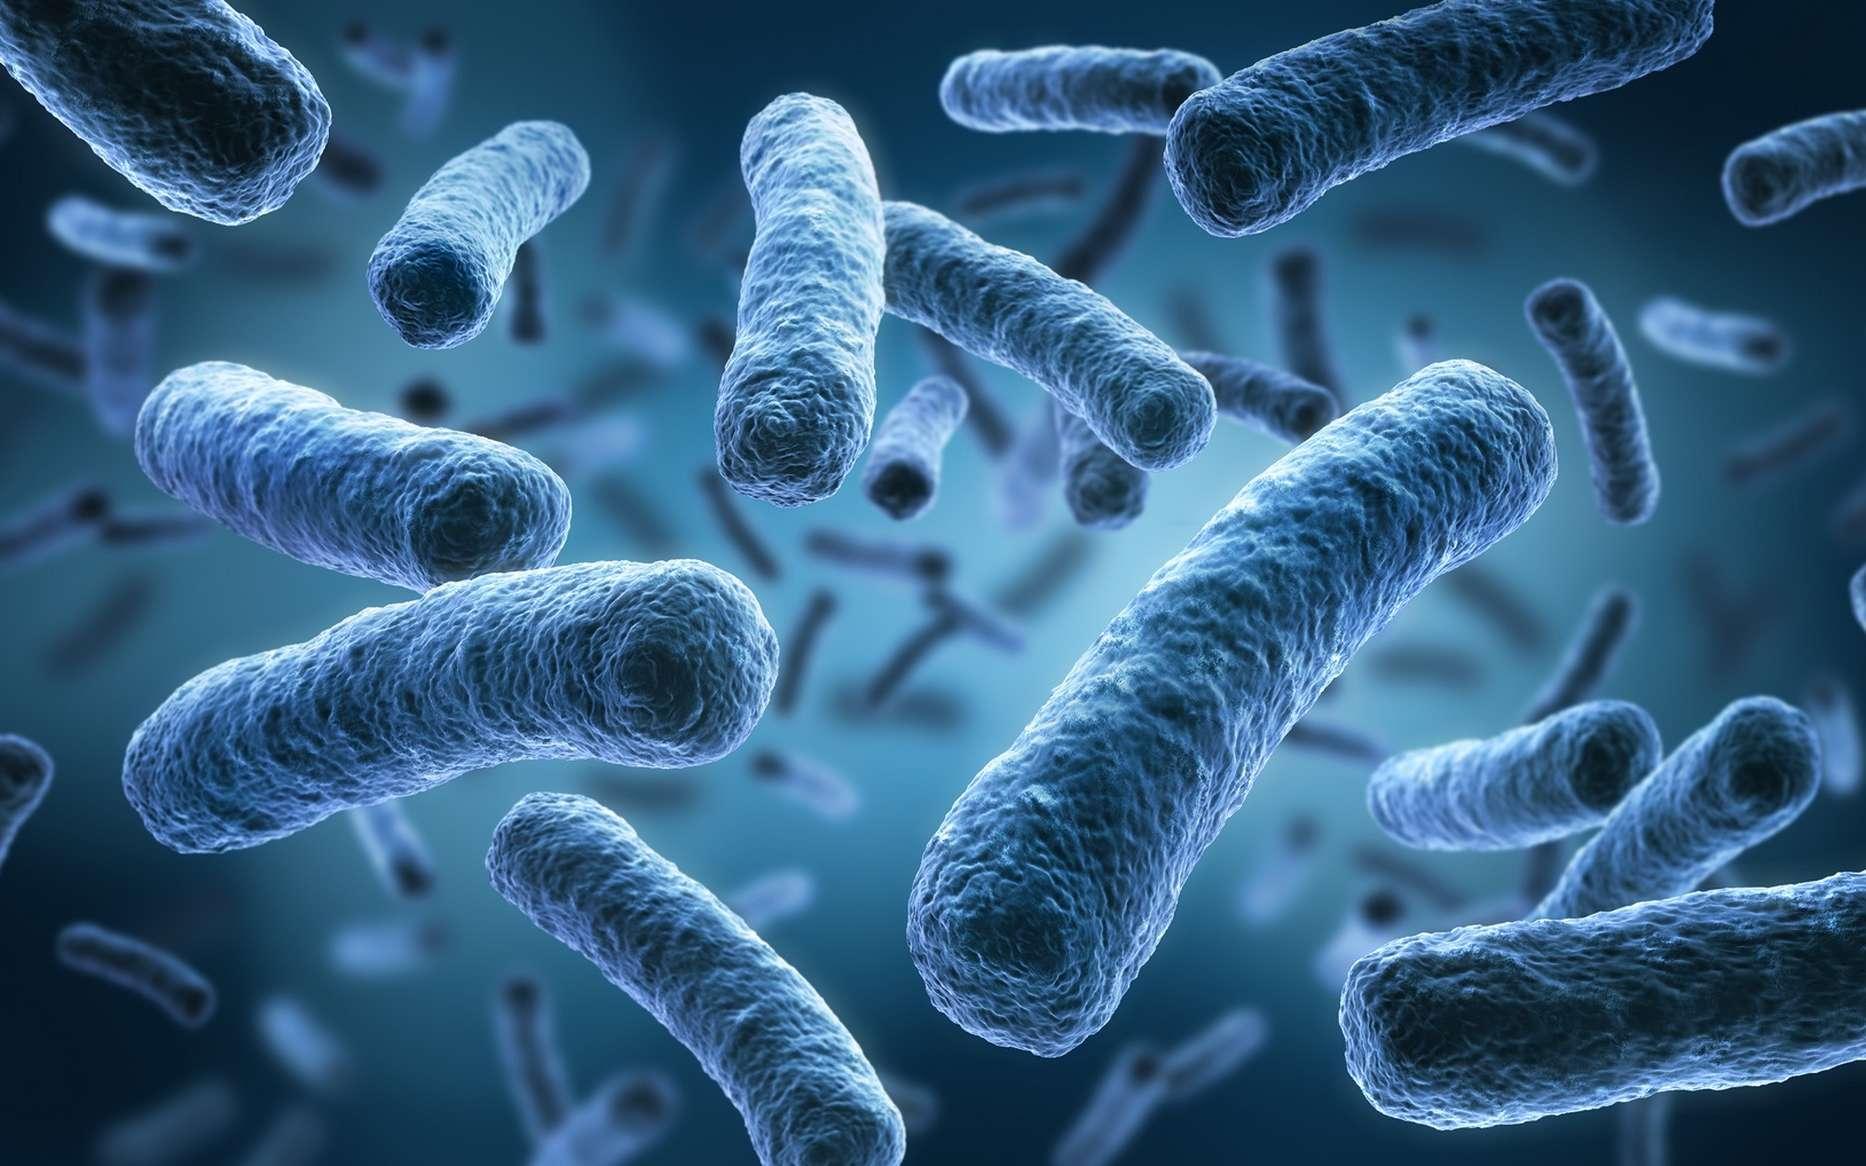 Як кишкова мікрофлора допомагає імунній системі боротися з герпесом